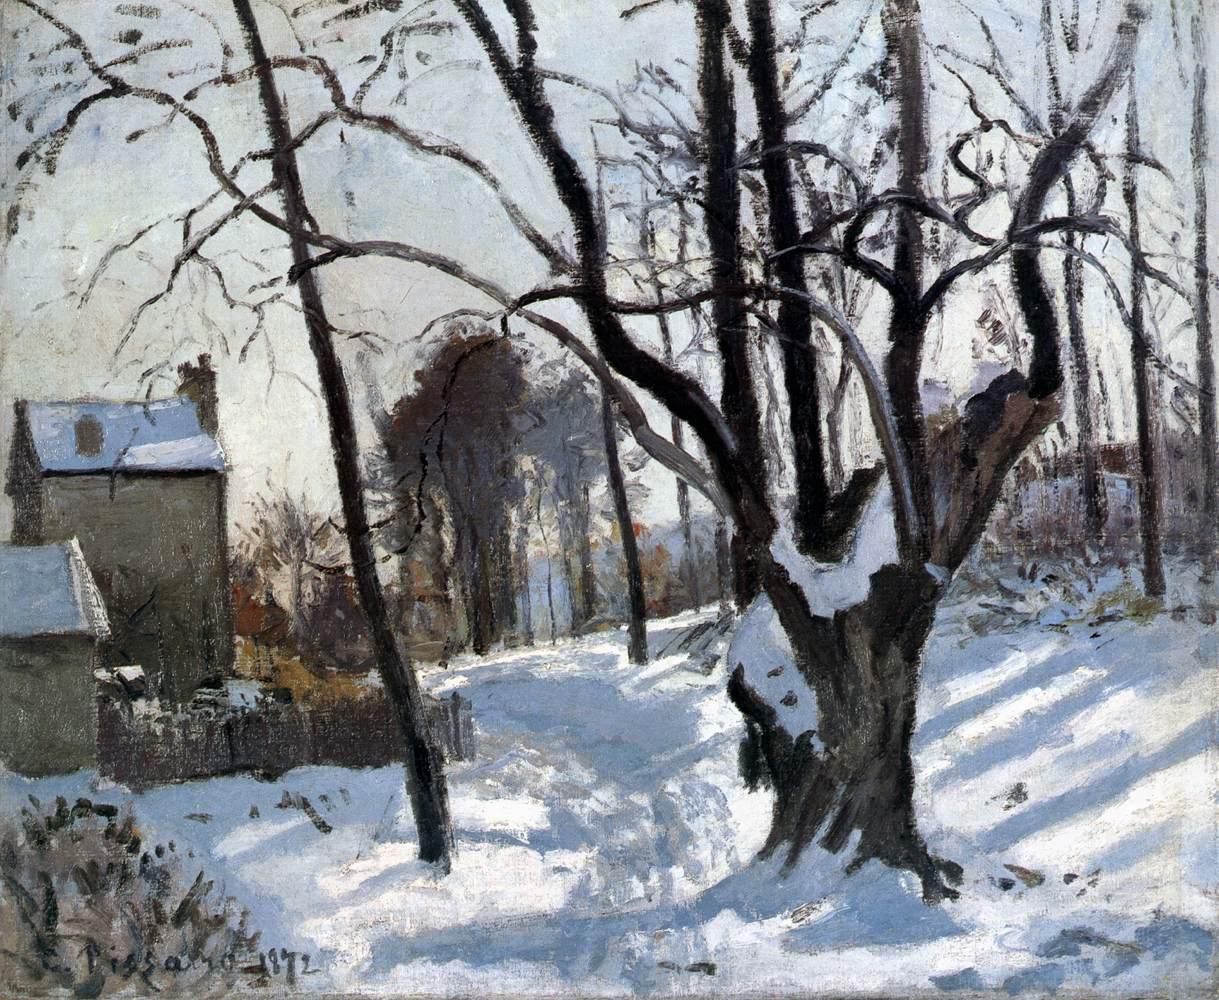 Camille Pissarro [1830-1903]